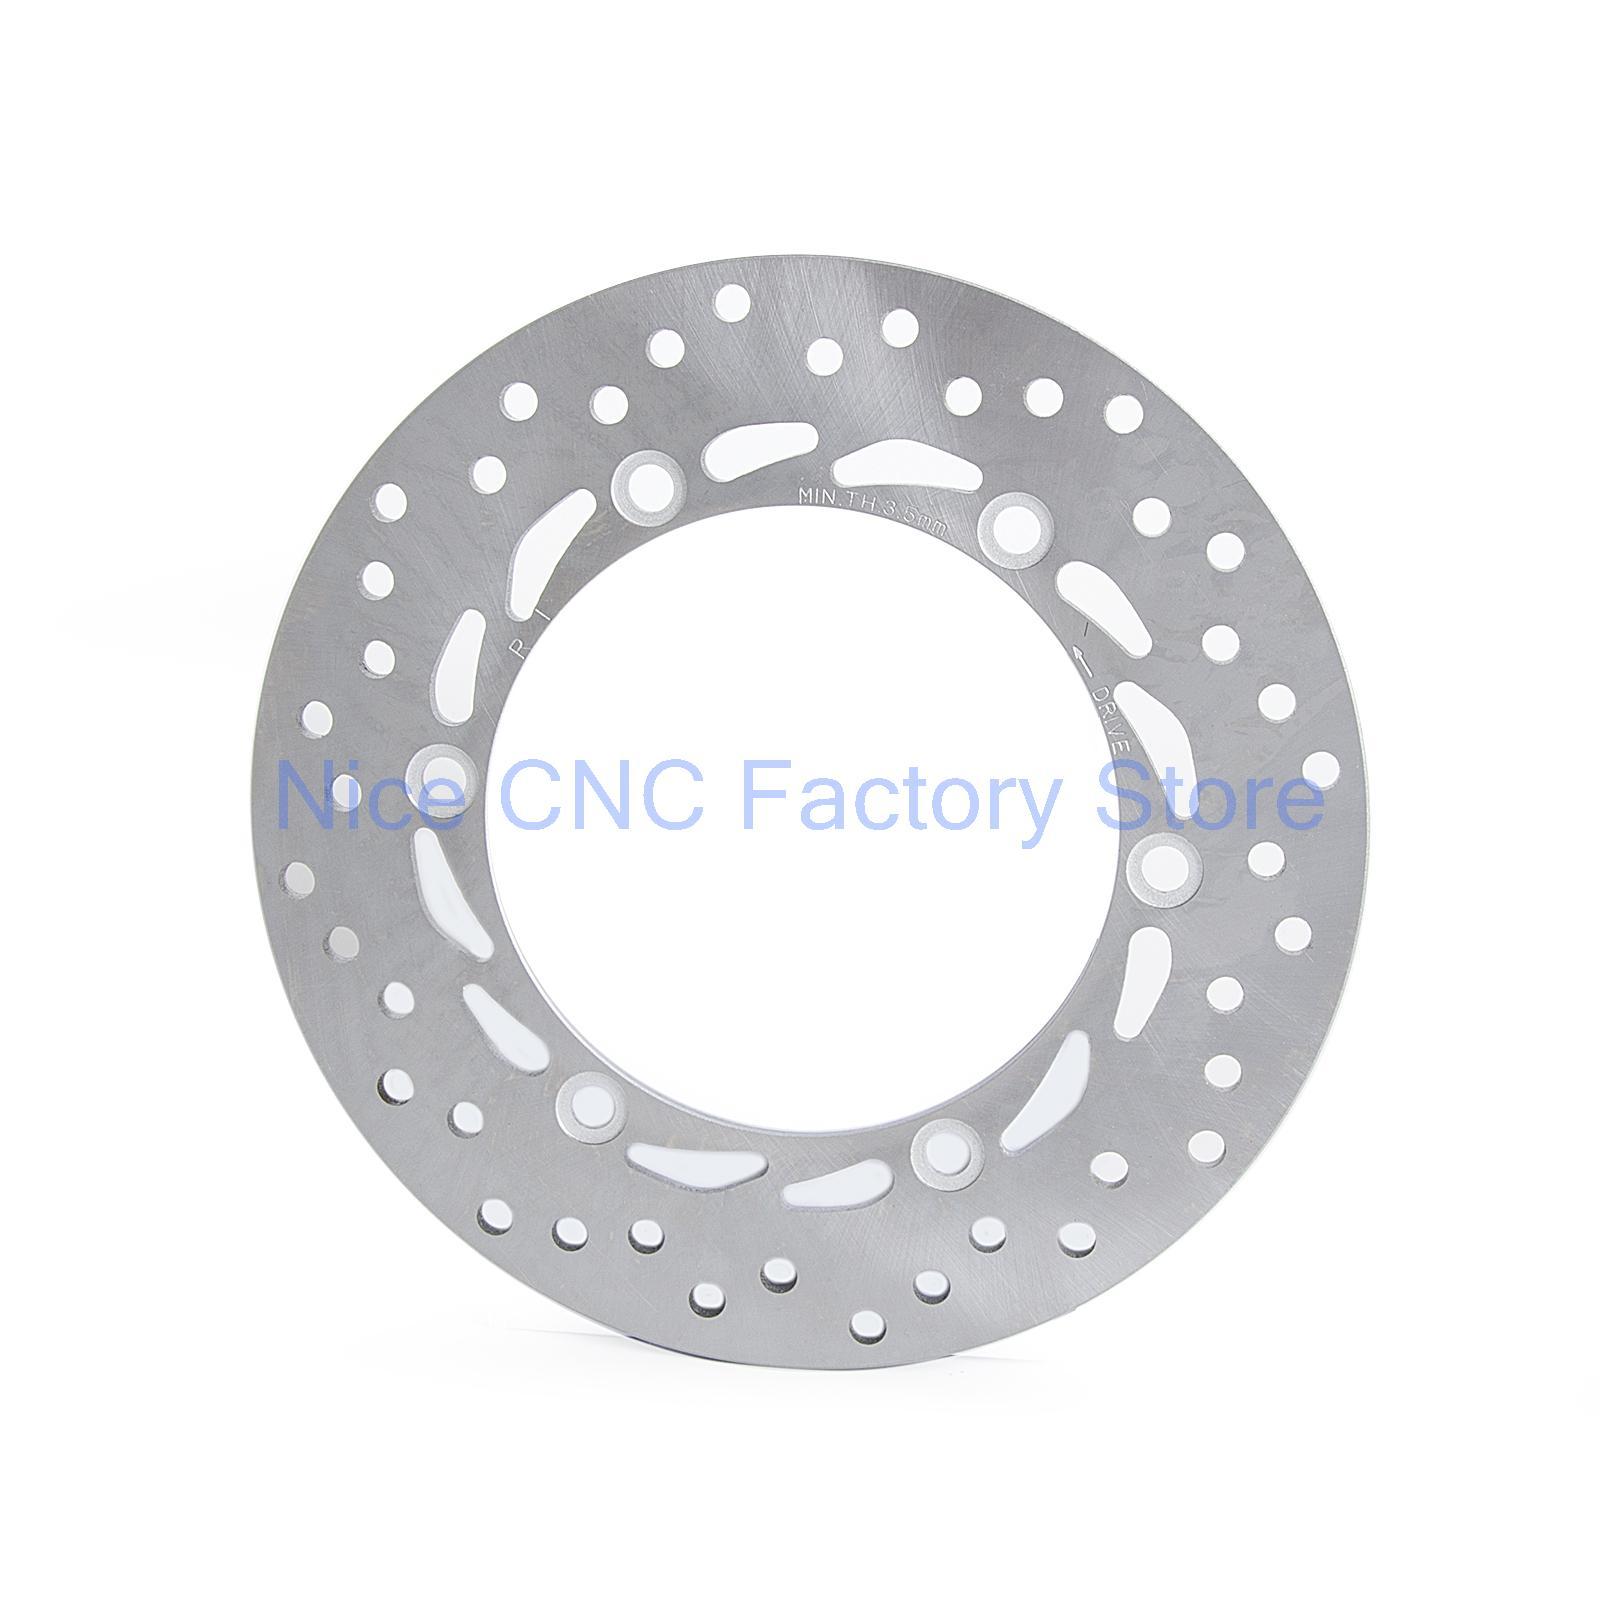 Переднего тормозного диска ротора сталь подходит для Honda CBR250 CBR750 CBR1000 CBR1100 NS250 NS400 FJS400 FJS600 VFR400 VFR750 VF500